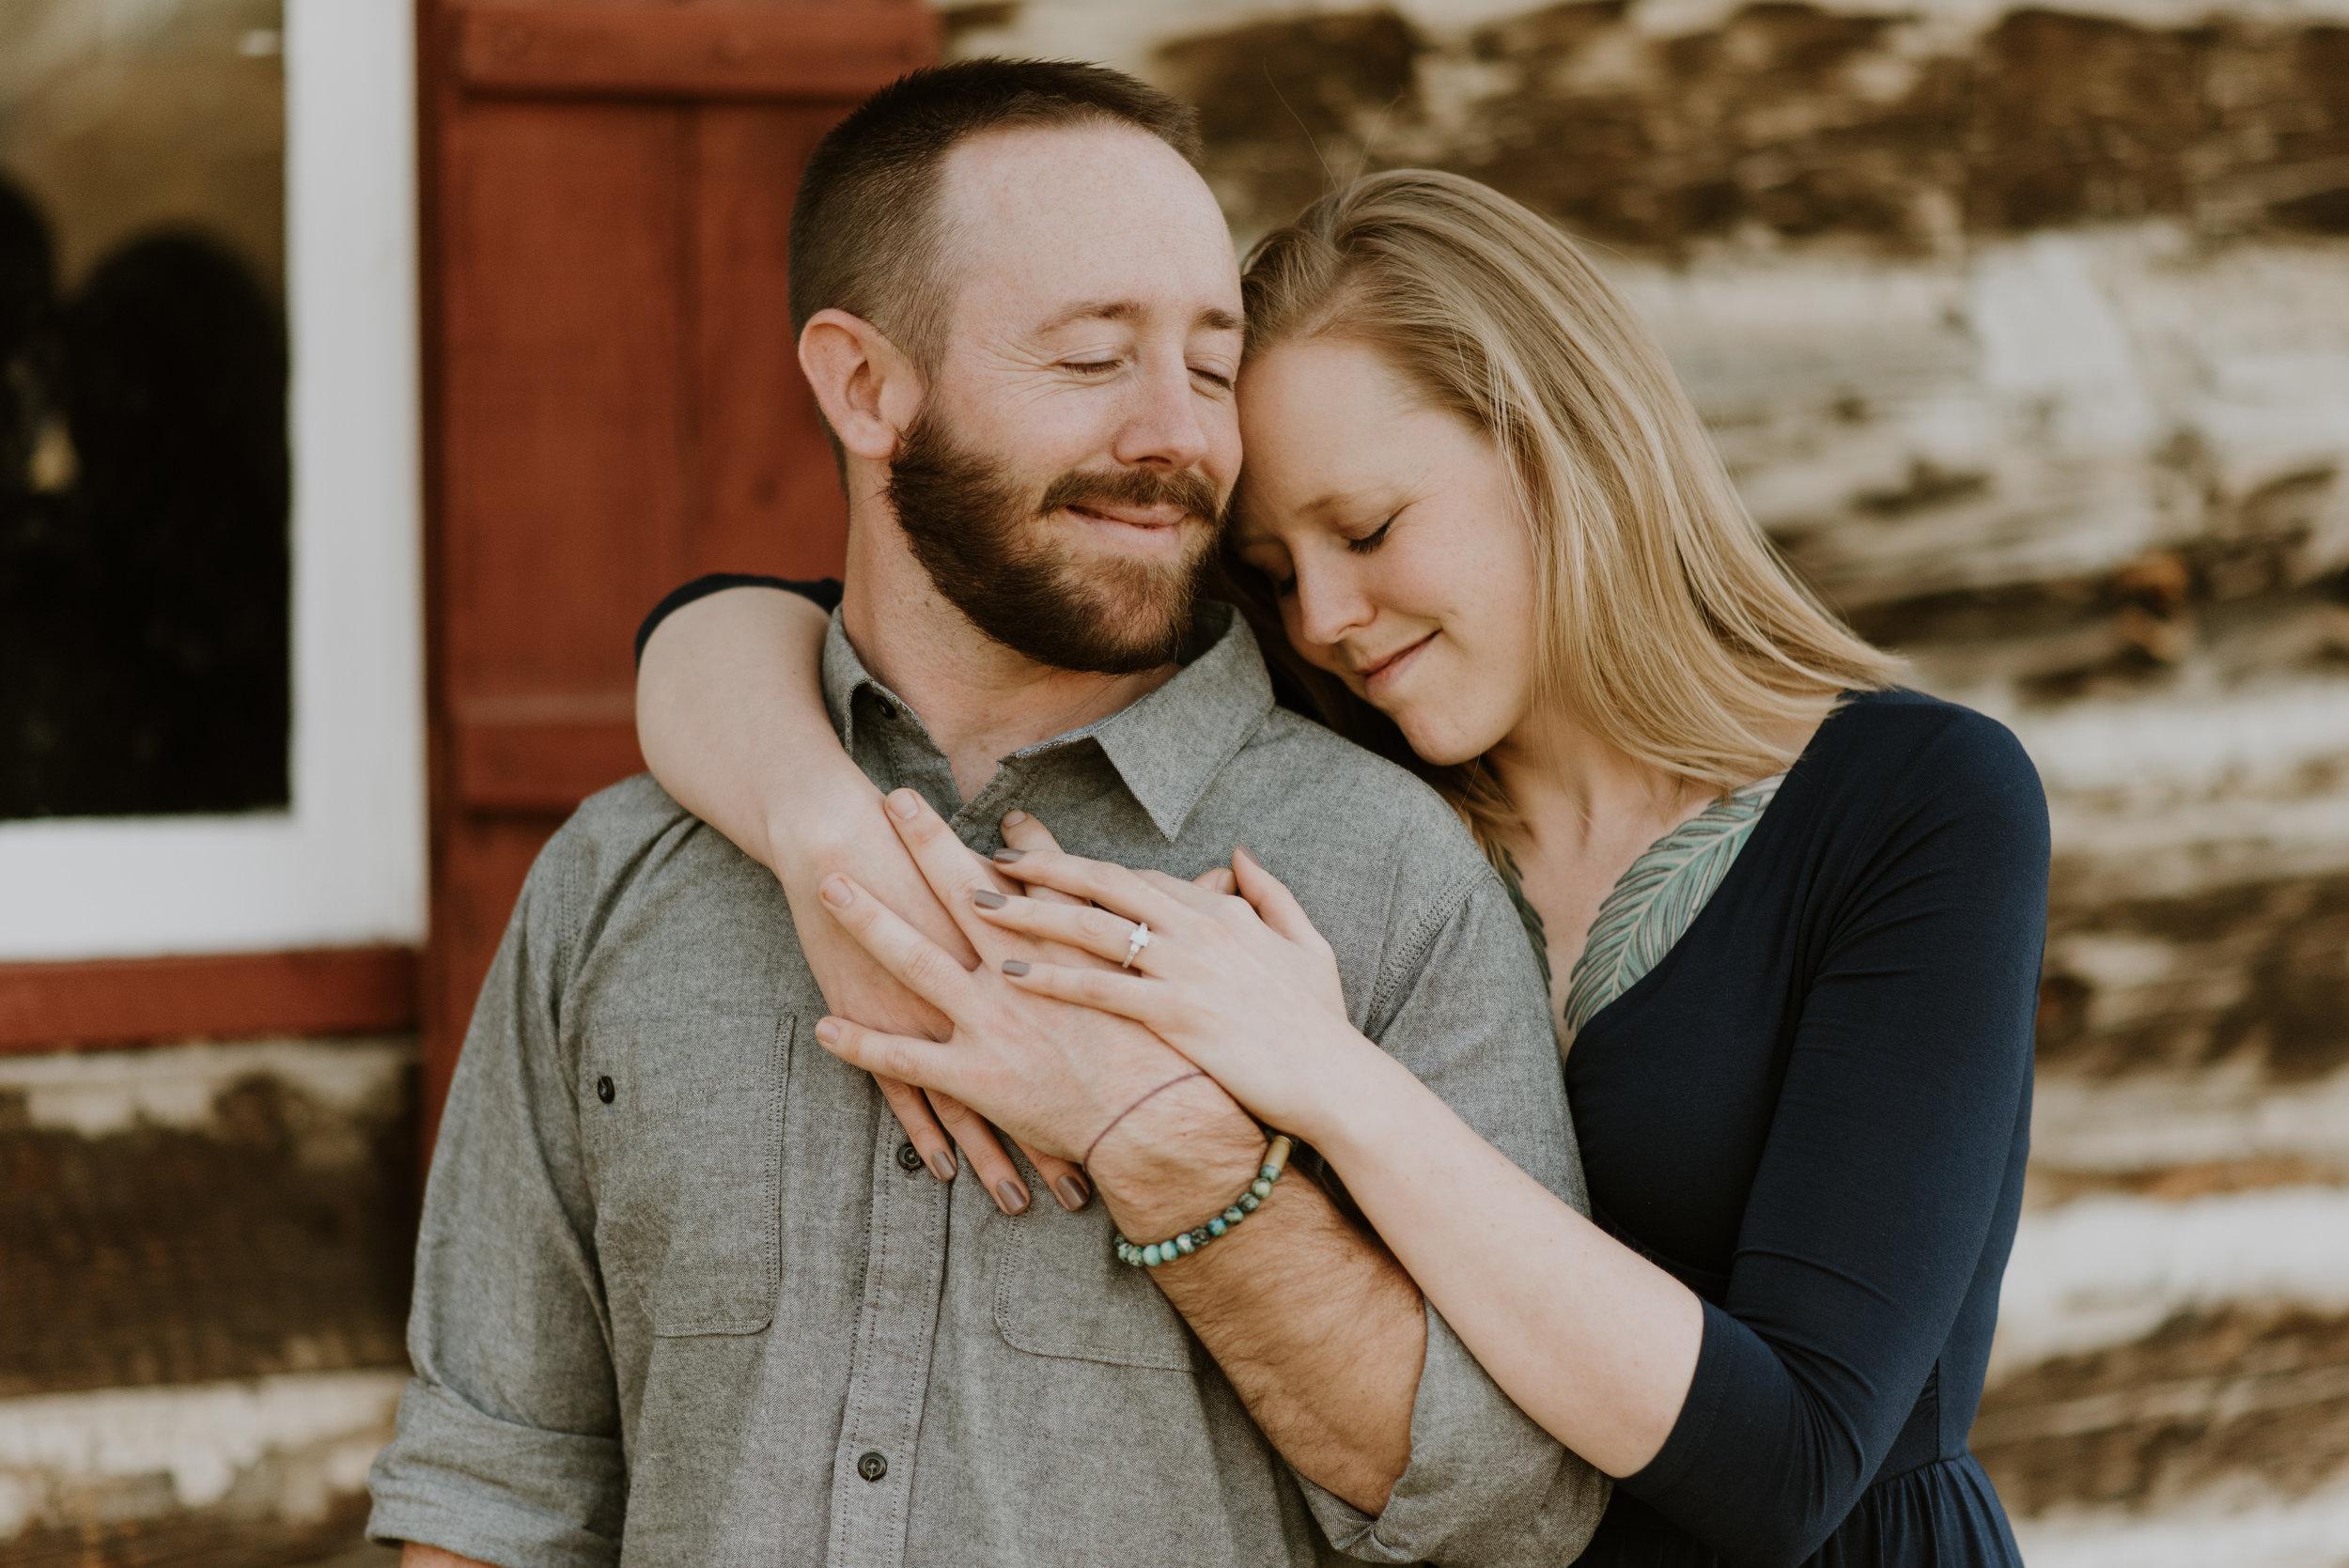 Engagement-Matt-Caitlin-A-Light-Photography-Denver-San Diego034.JPG